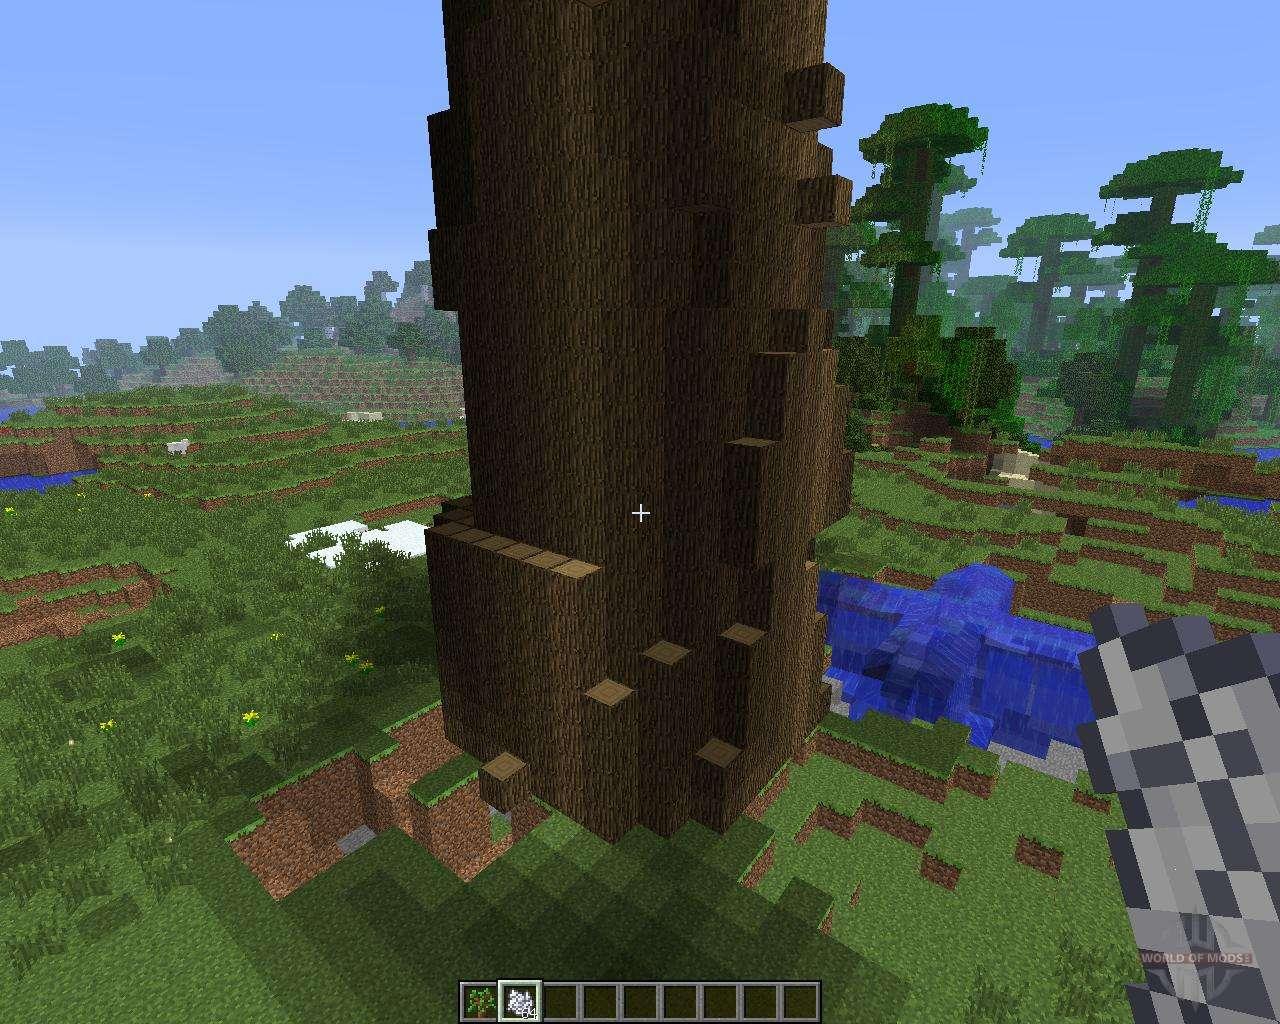 большие деревья мод 1.8.0 майнкрафт